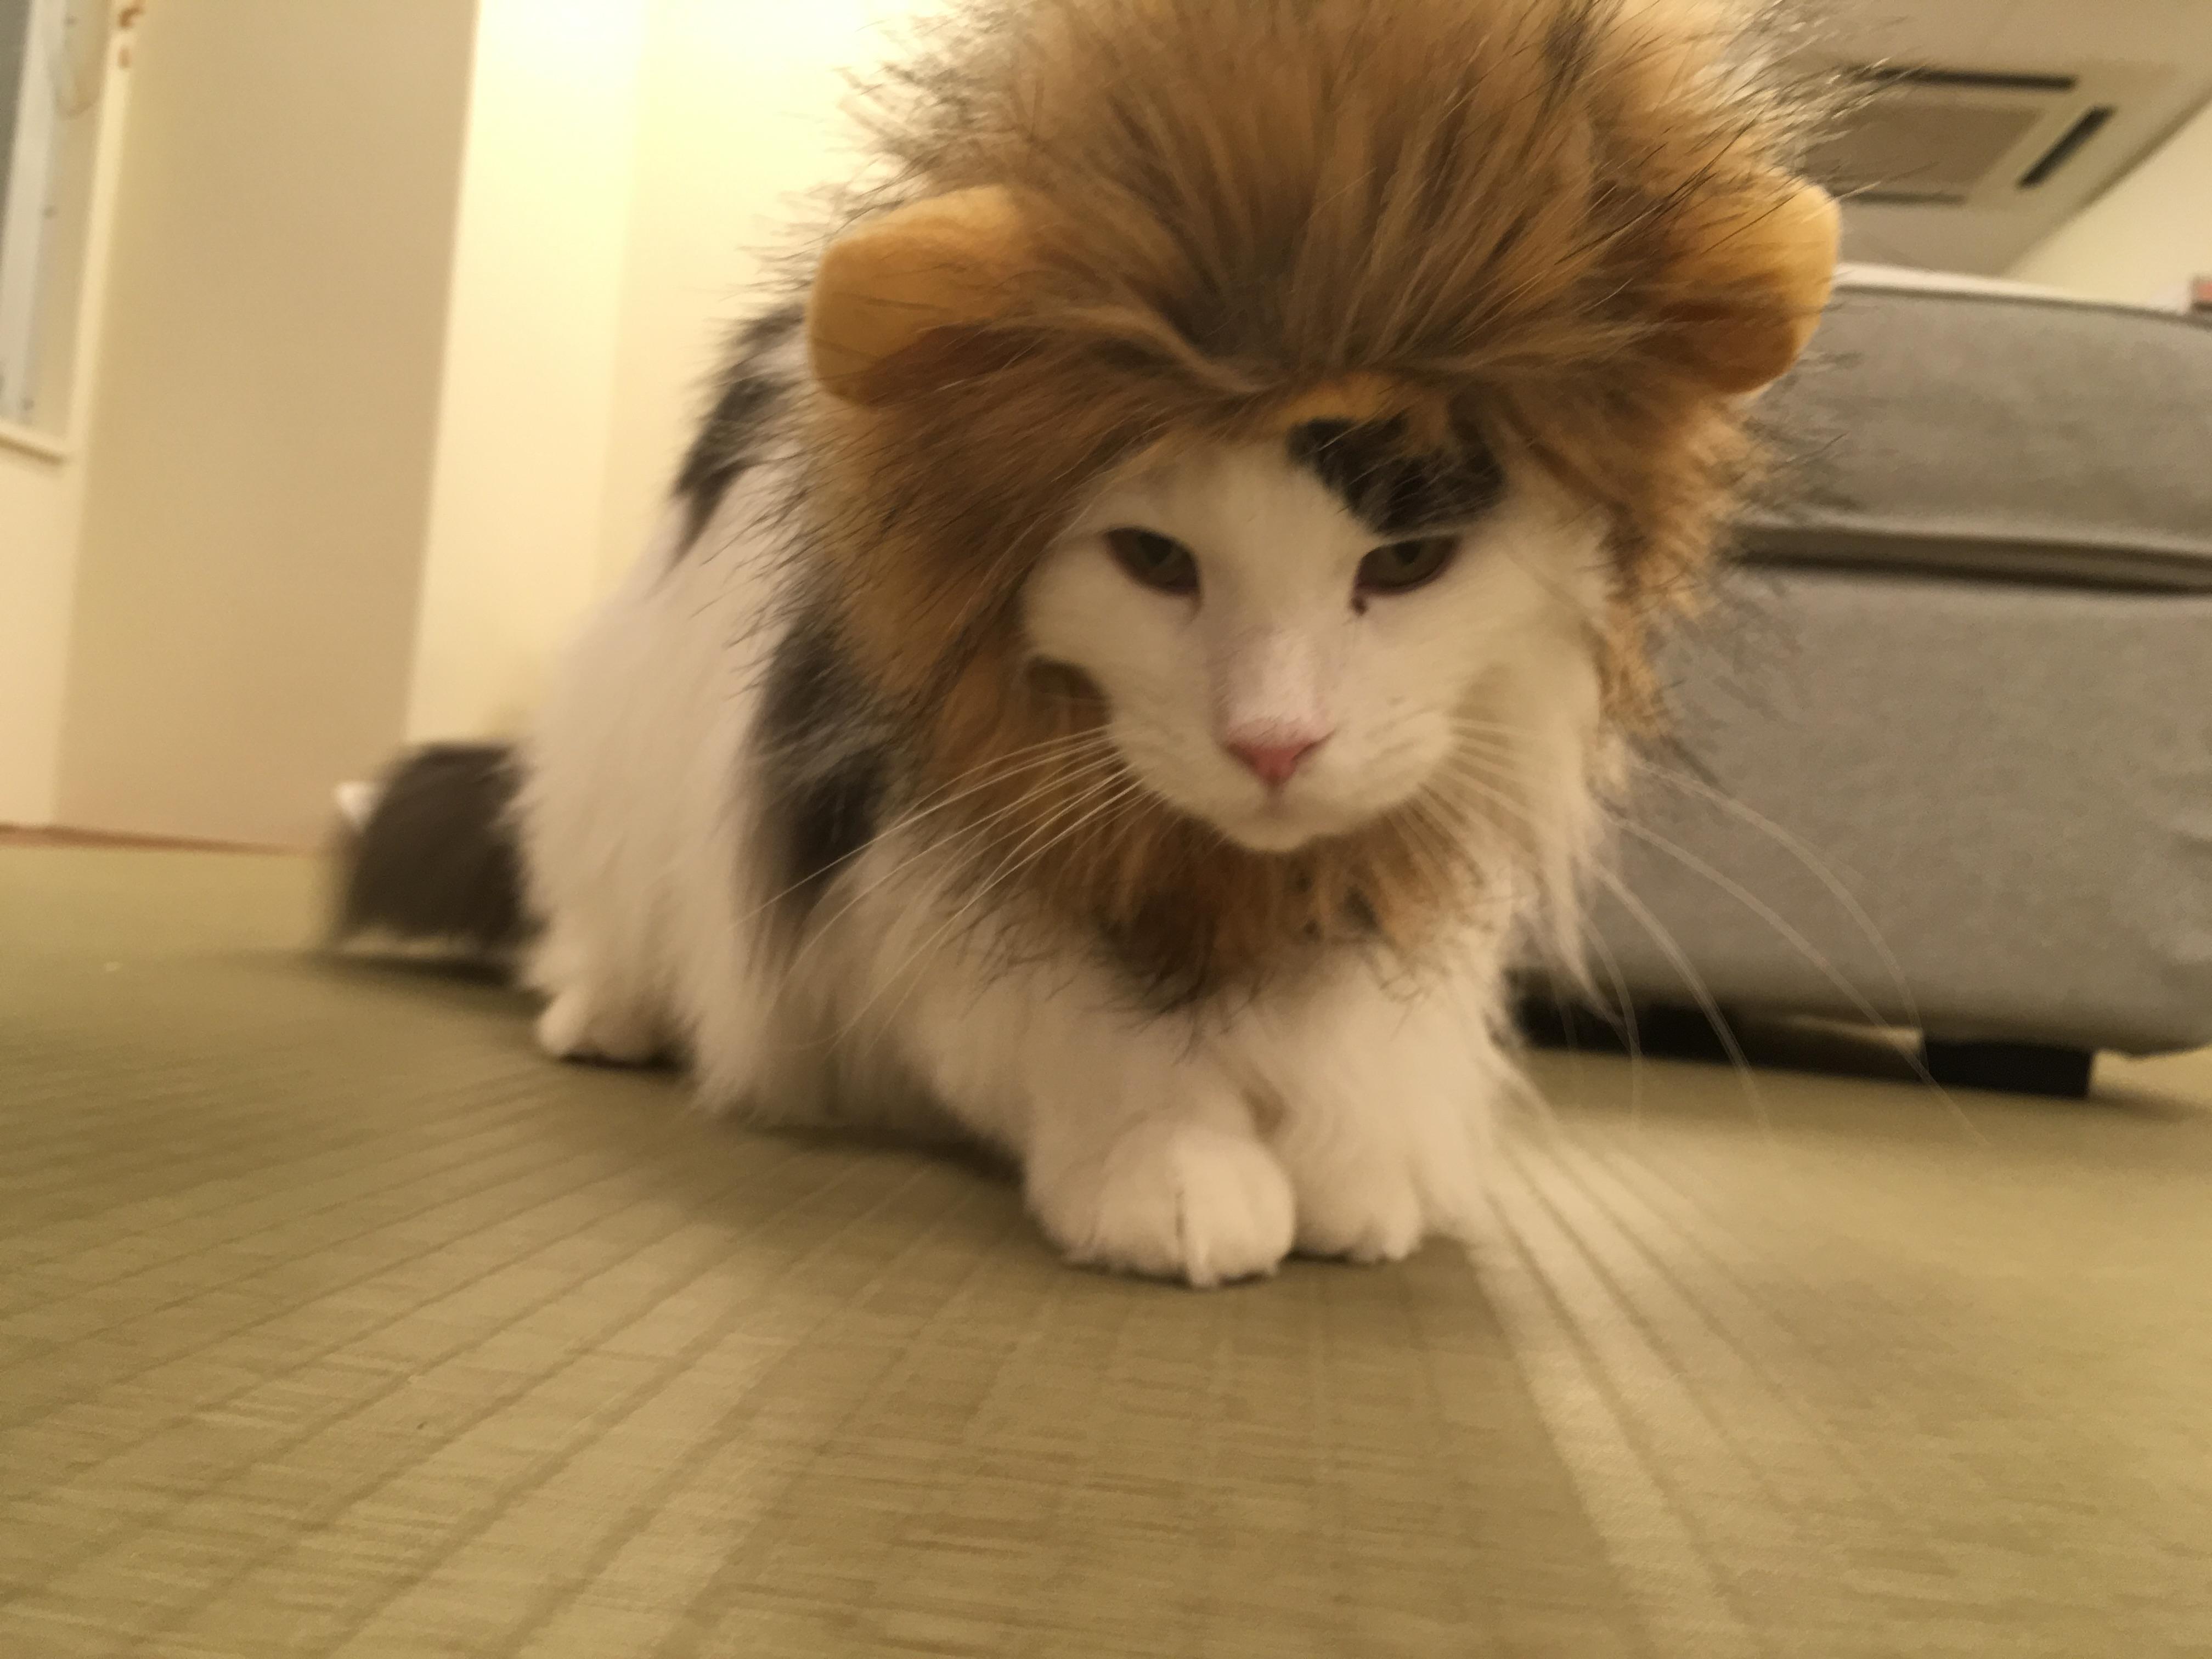 大阪梅田の猫カフェにあにゃあガクライオン